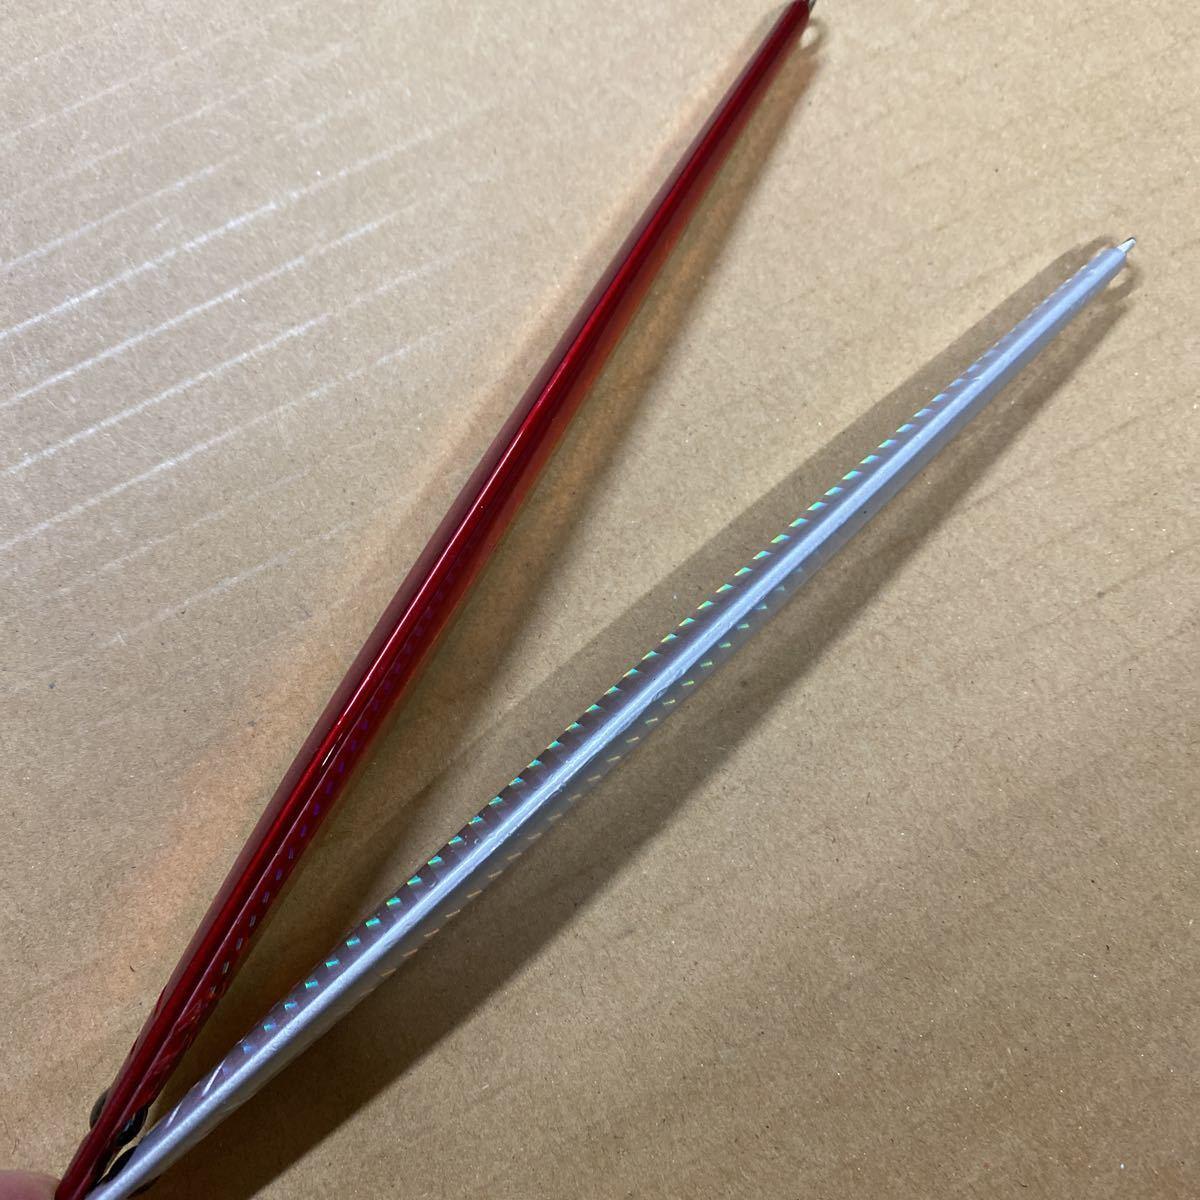 メジャークラフト ジグパラ バーチカル 120g×2 人気色 S6 メタルジグ ジギング ソルト ルアー 同梱可_画像9